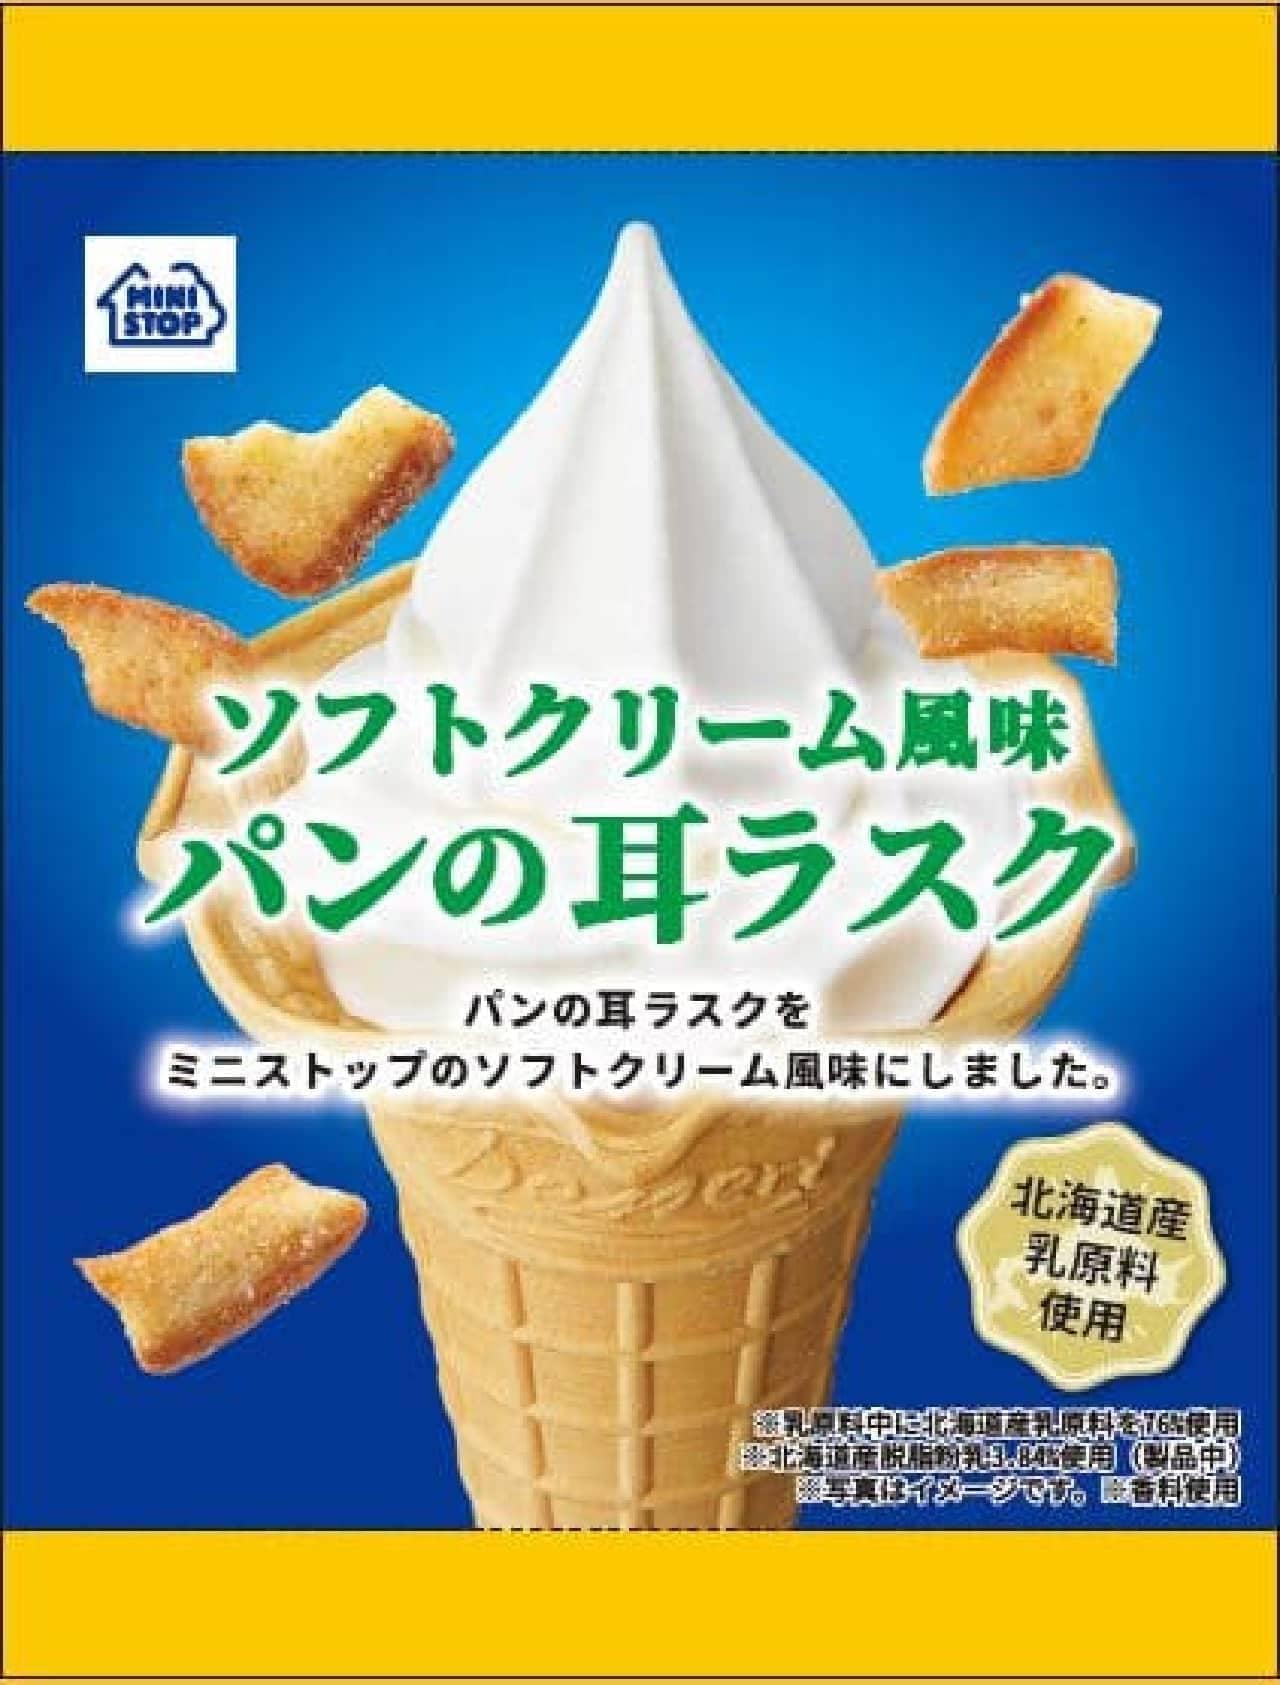 ミニストップ「ソフトクリーム風味 パンの耳ラスク」